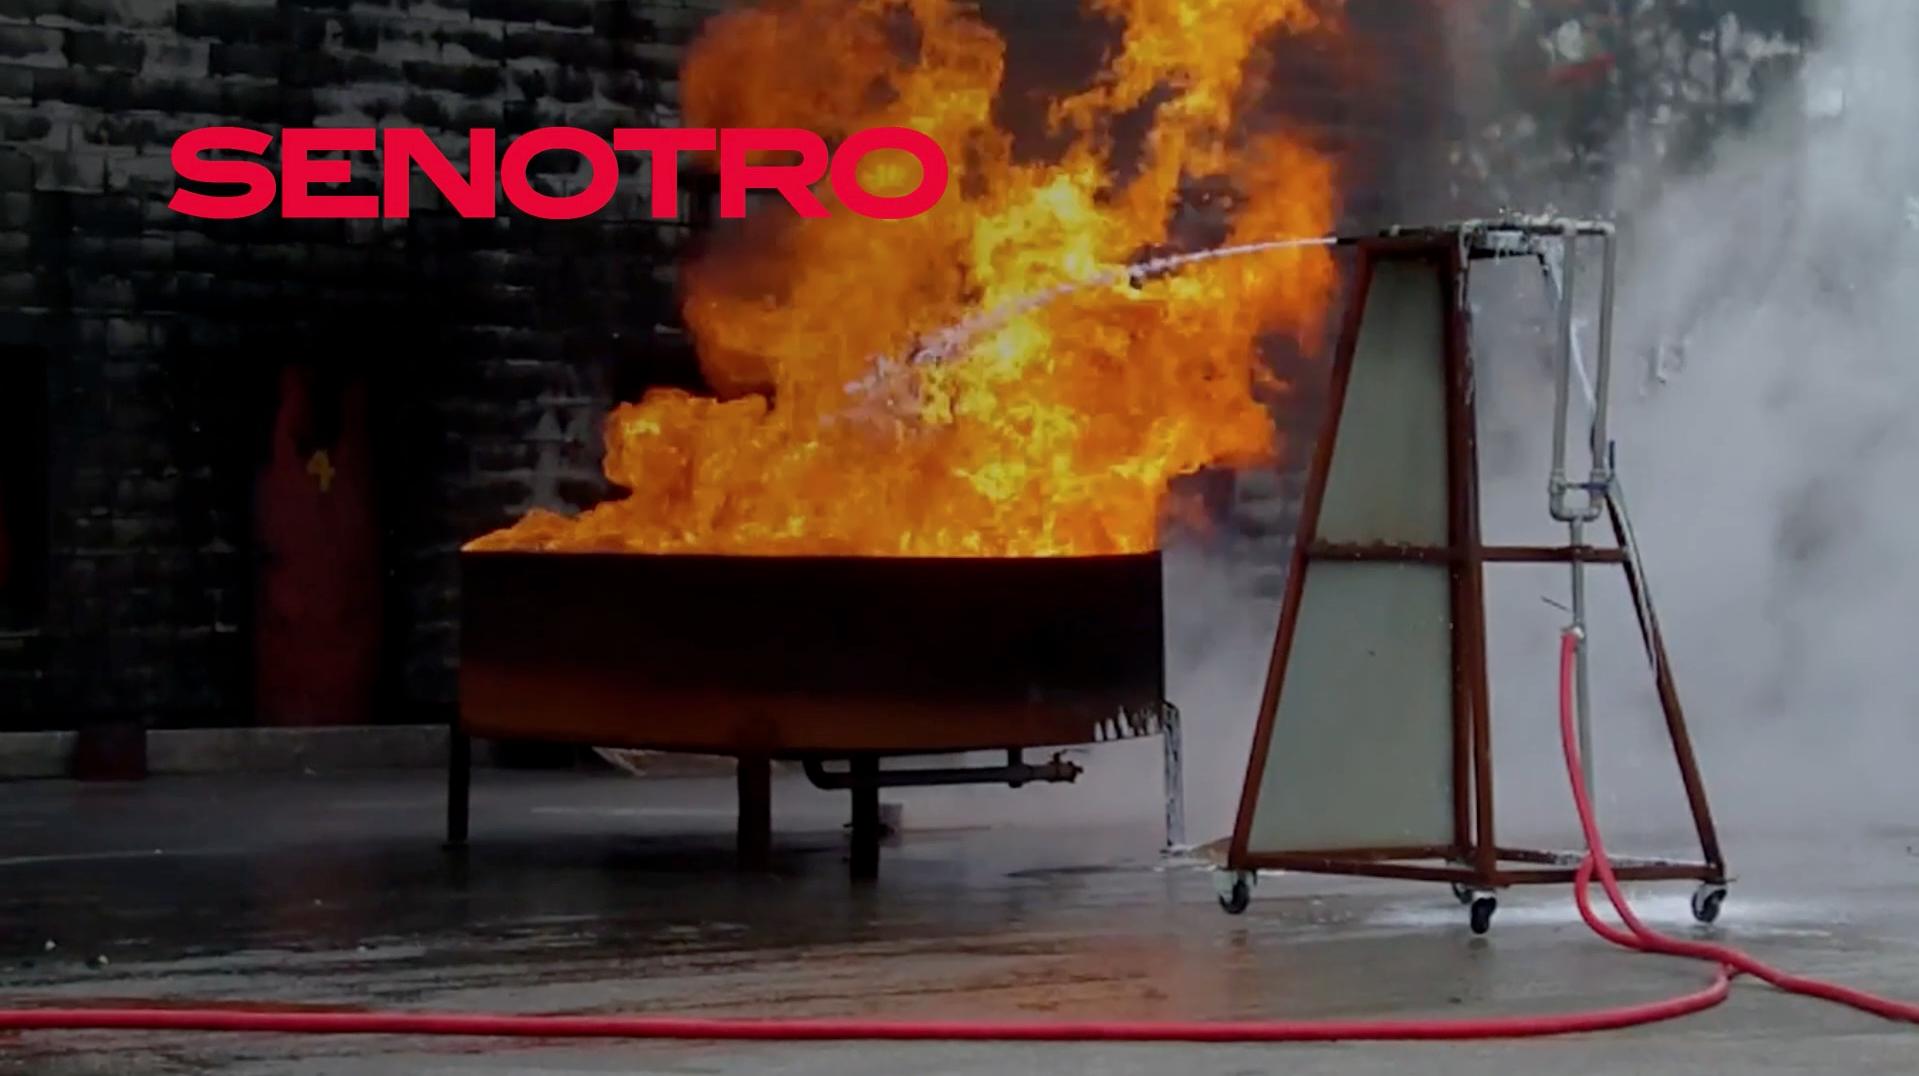 Senotro | Fire Suppression Services